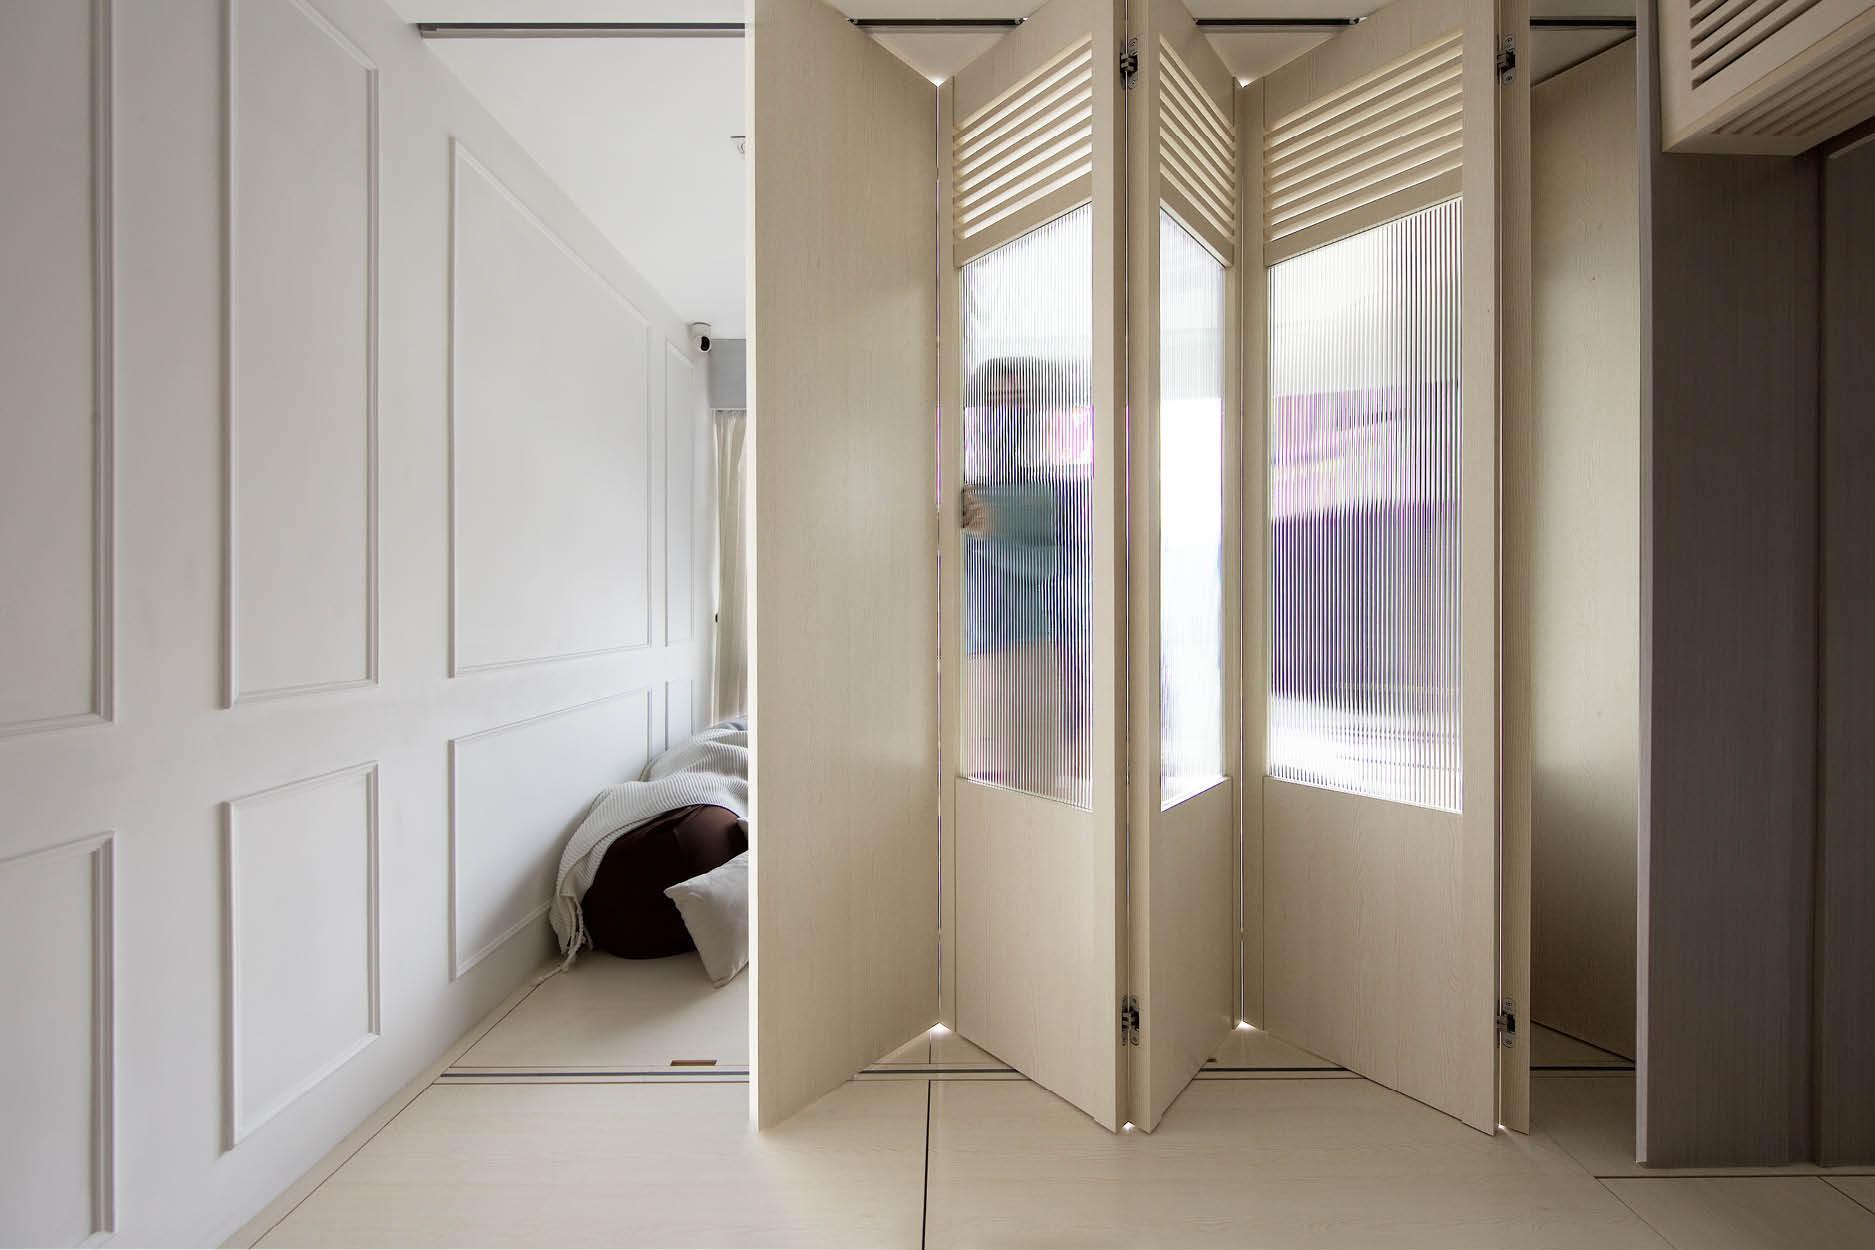 Căn hộ 45m² với mẹo bố trí hợp phong thủy giúp không gian thêm vượng khí, vợ chồng thêm thuận hòa  - Ảnh 7.